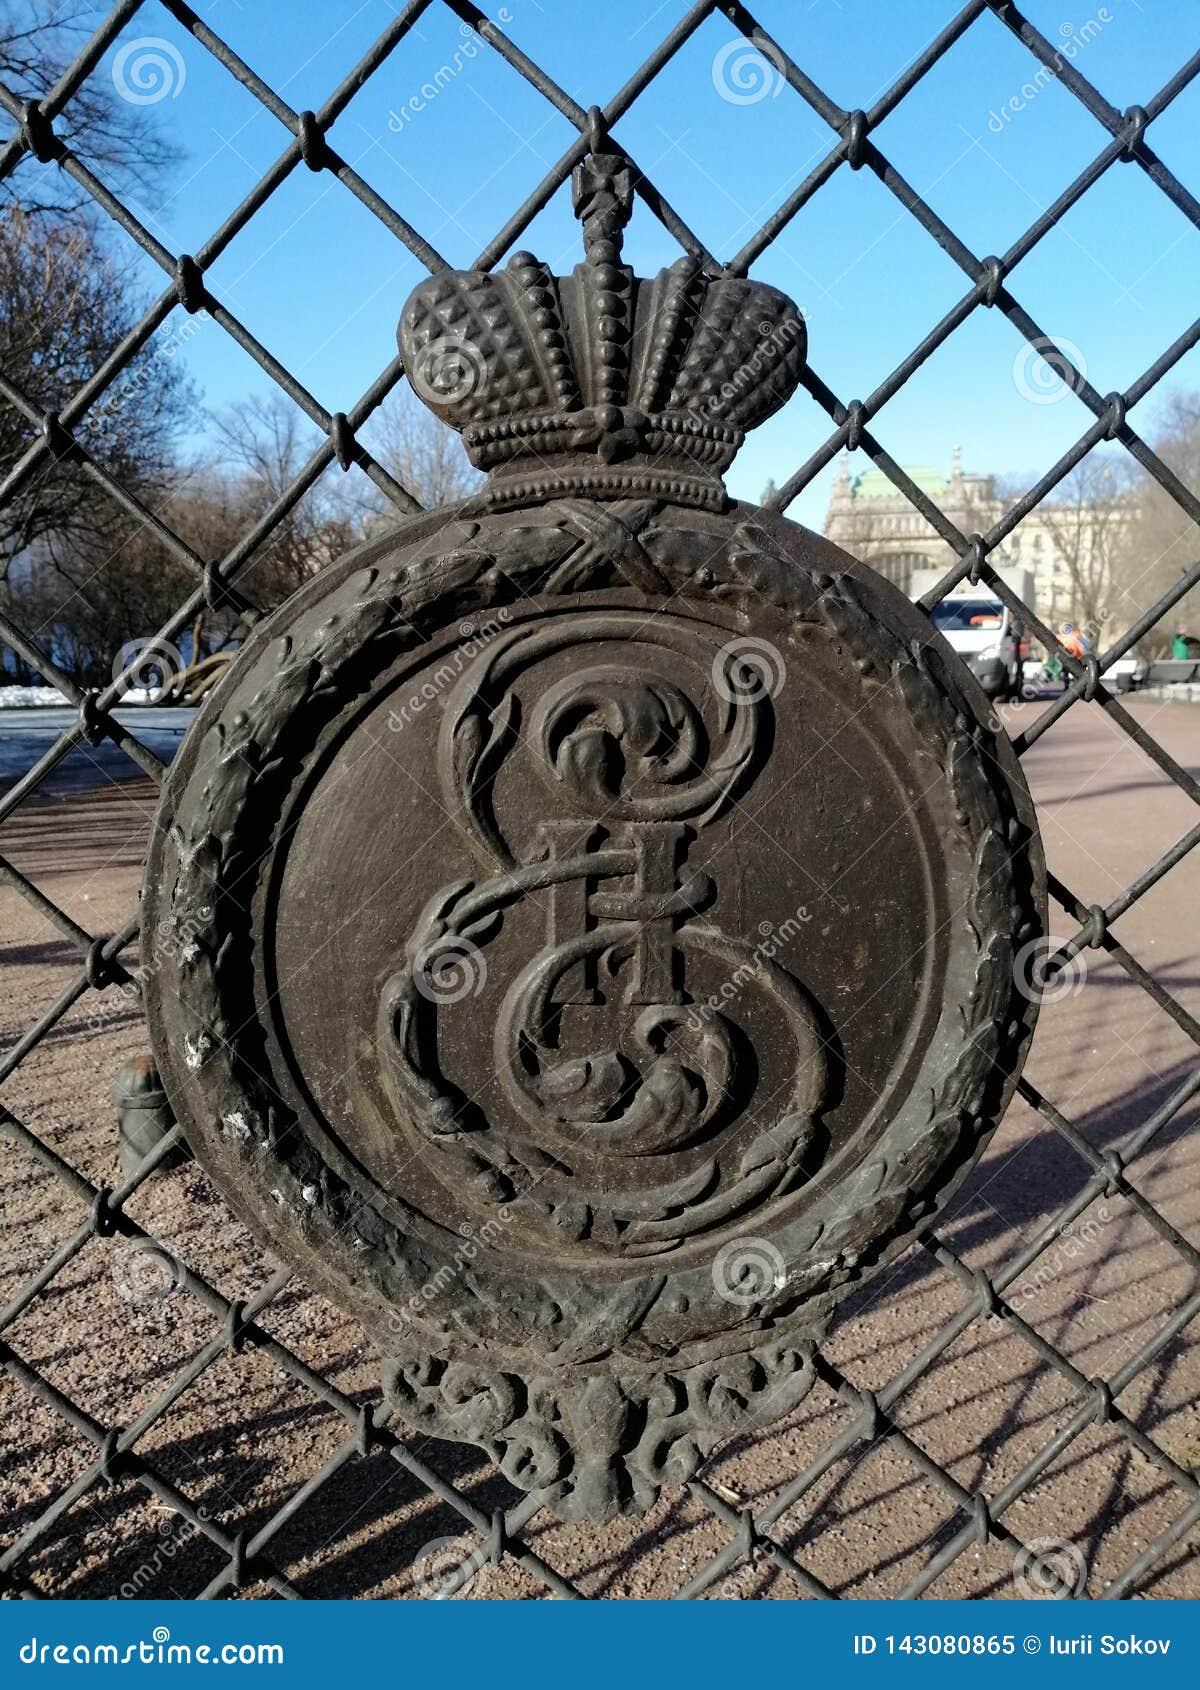 Un fragment de la barrière du parc avec la couronne et les modèles royaux